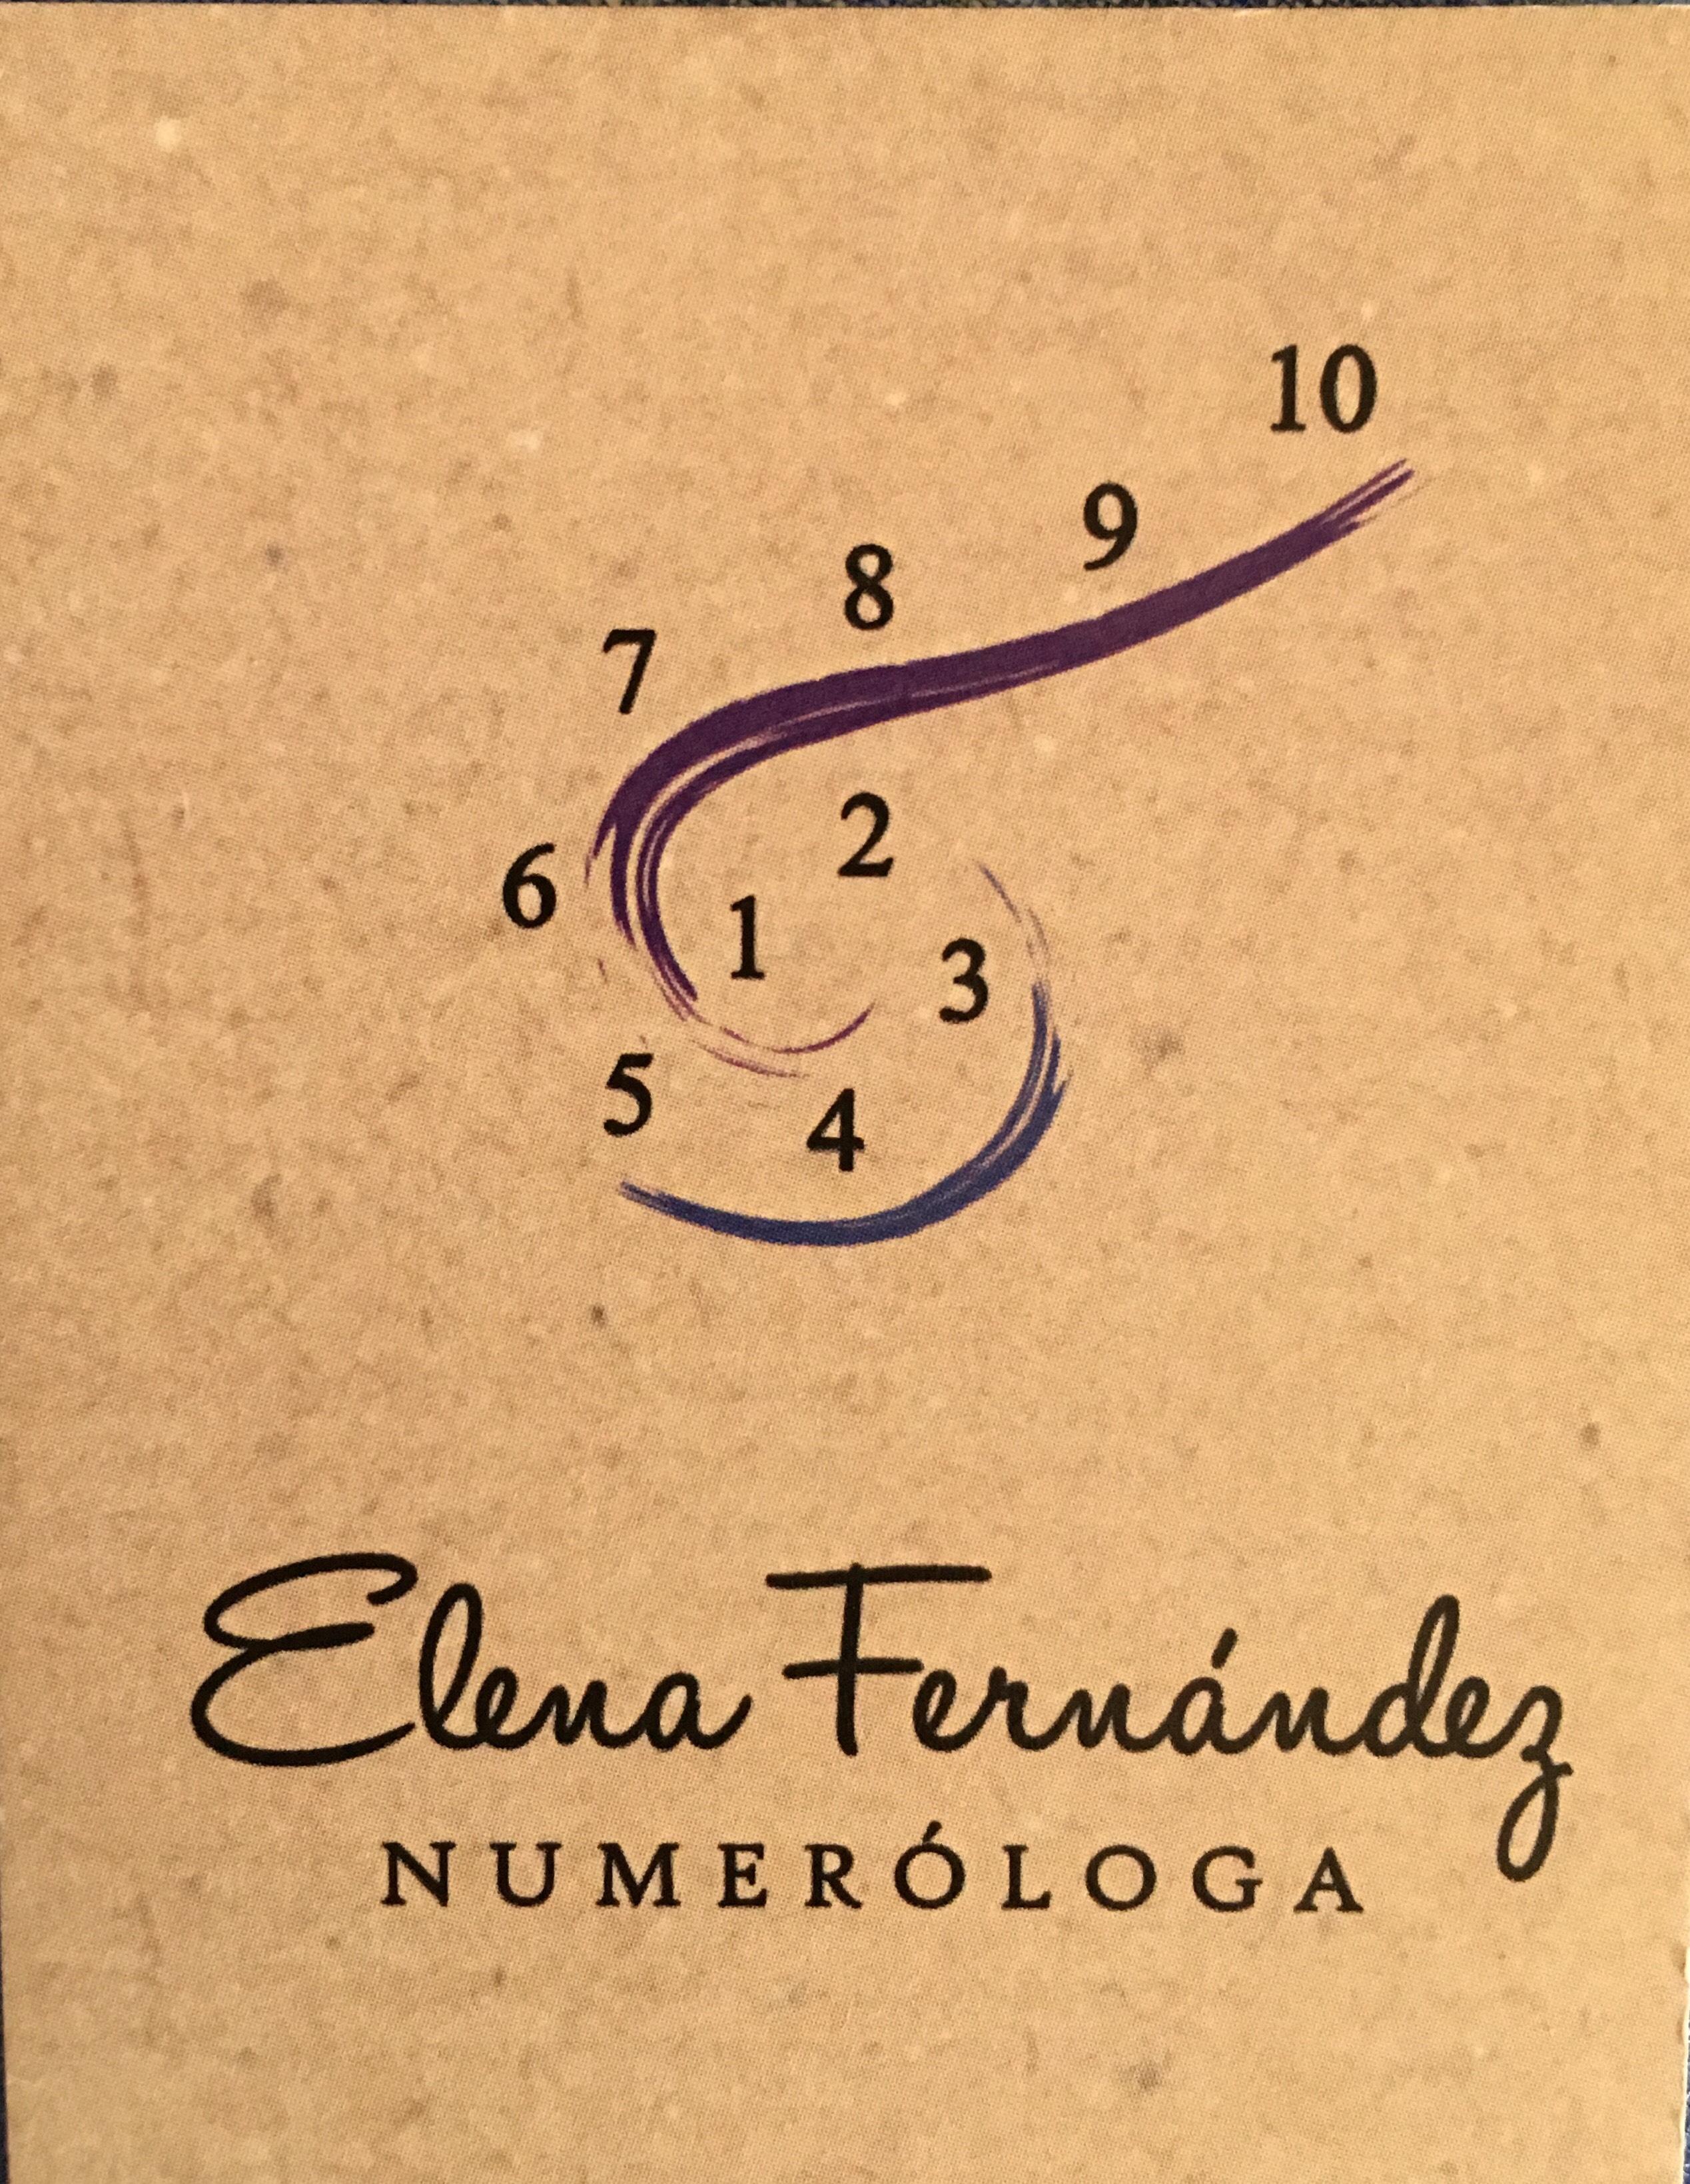 Numerología y flores Bach: Charla Gratuita